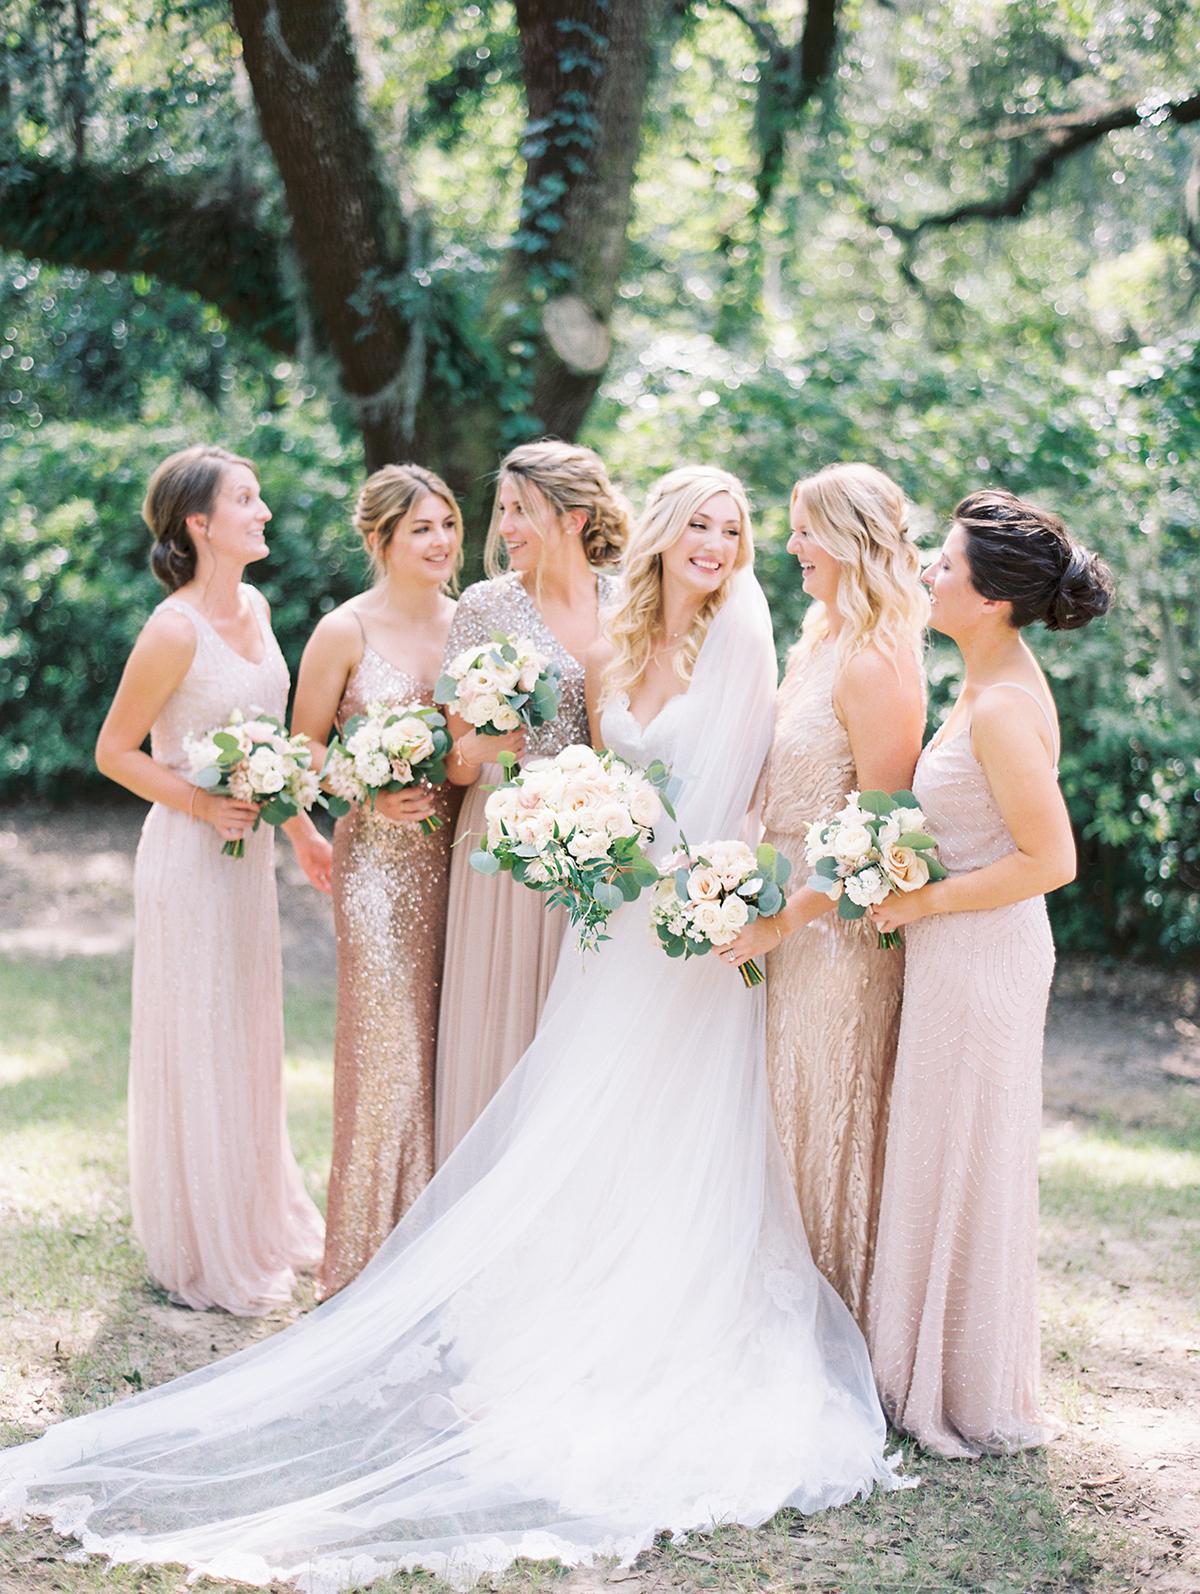 e0f48b633a4 Elizabeth Anne Designs  The Wedding Blog - Classic